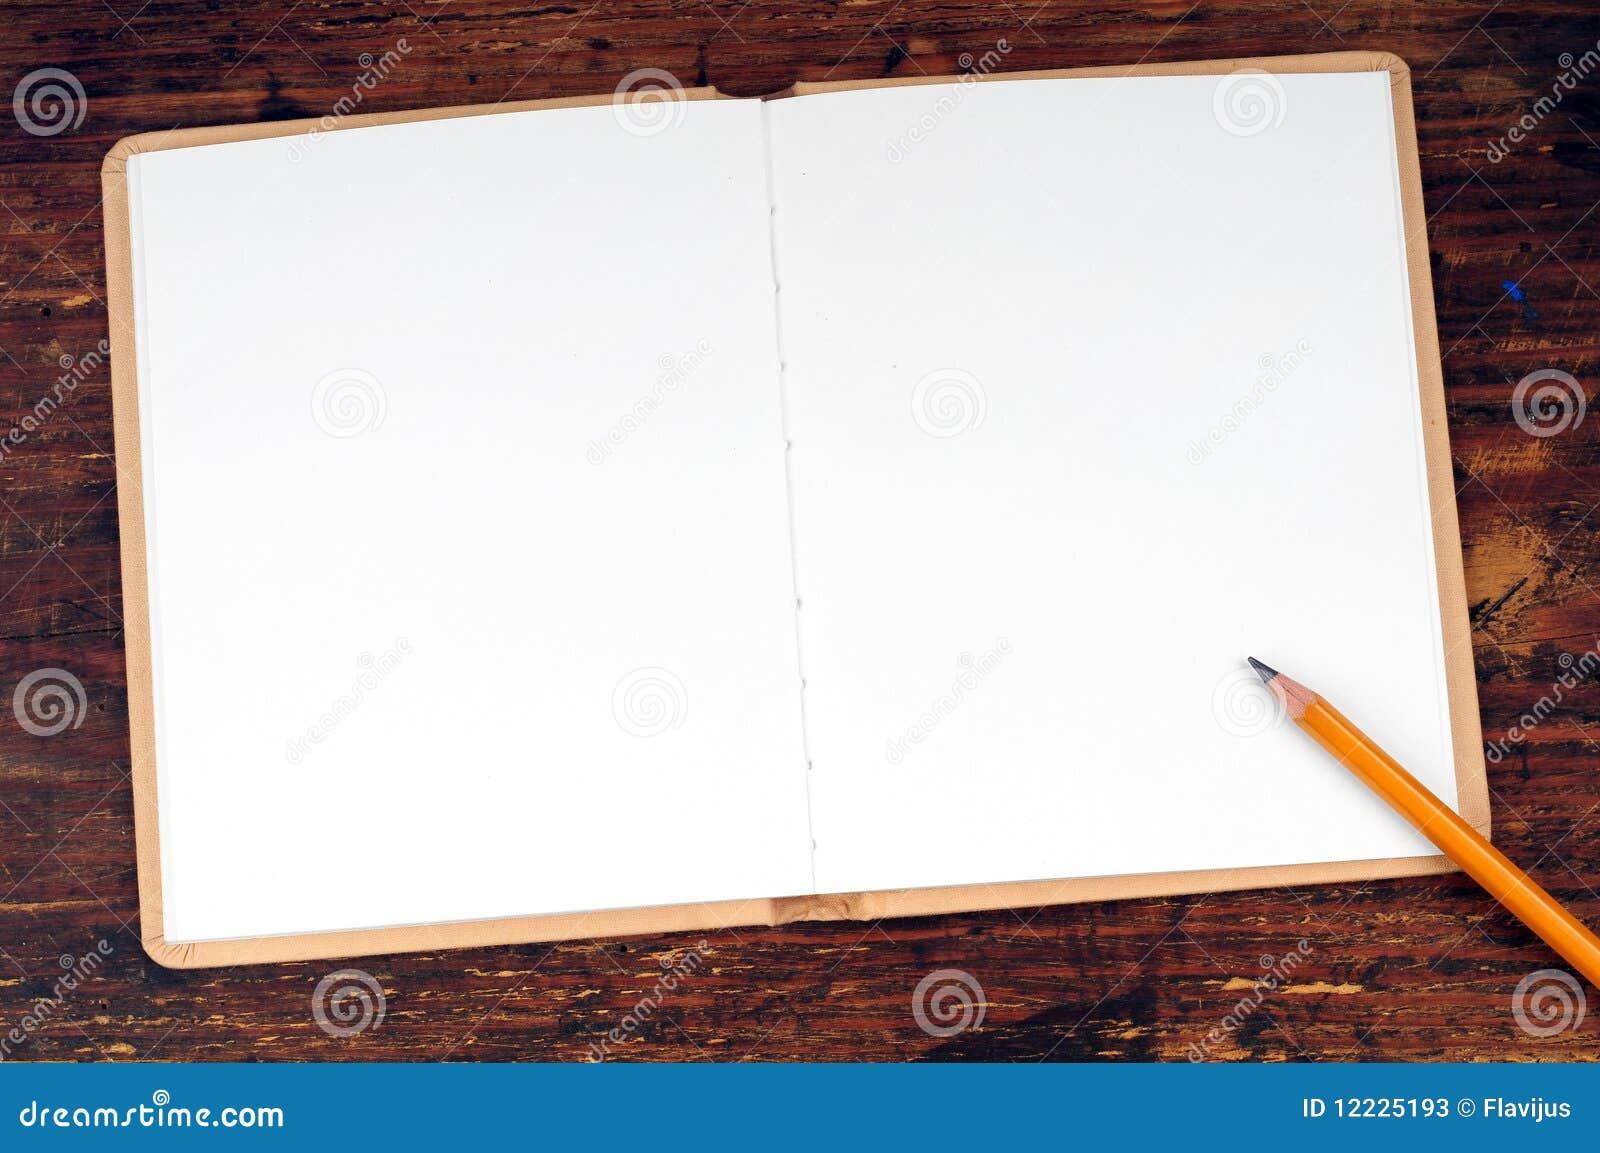 Blank Open Book Stock Photos - Image: 12225193